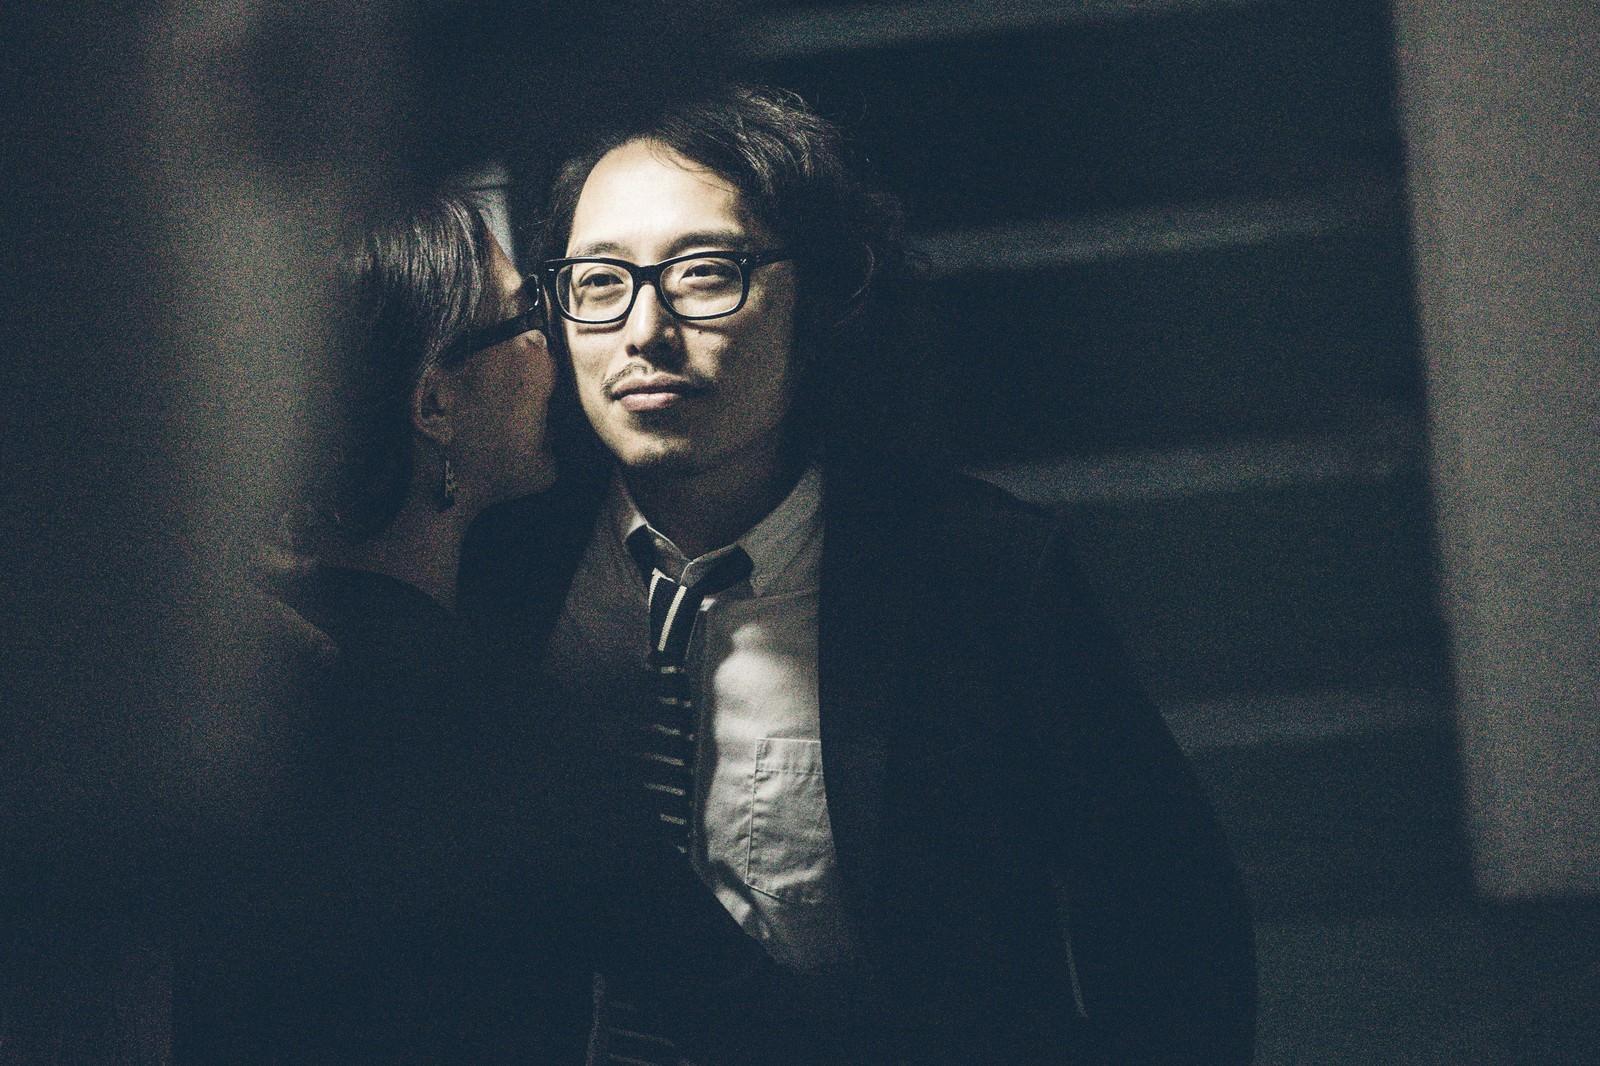 「デスマ中に愛人と密会する死んだ目のエンジニア」の写真[モデル:ゆうせい]